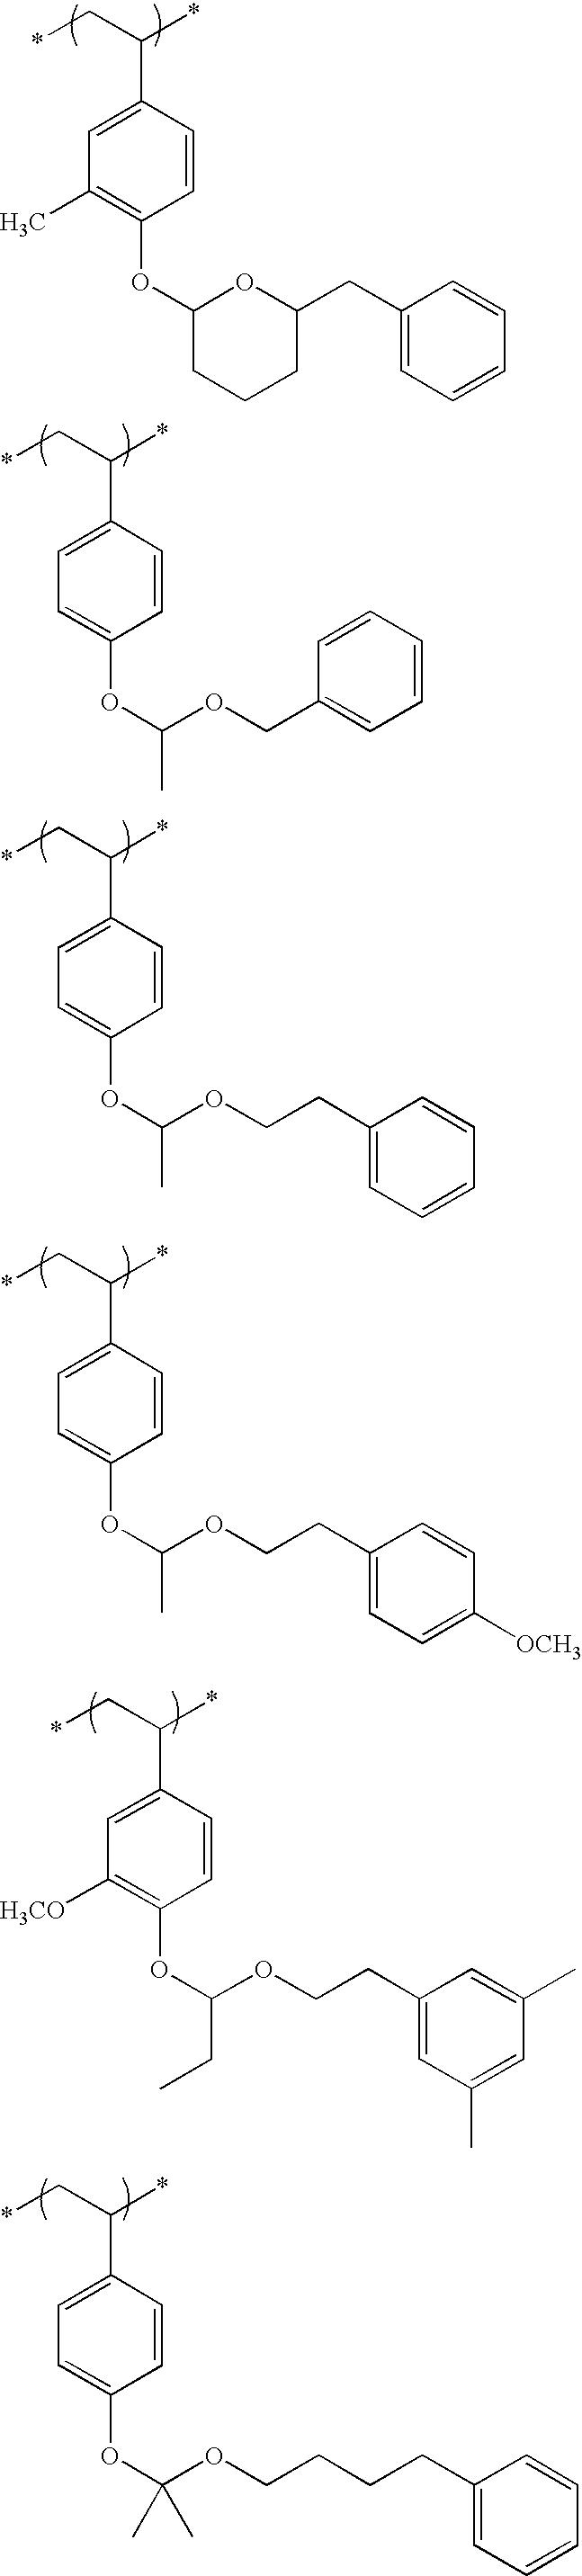 Figure US08852845-20141007-C00088